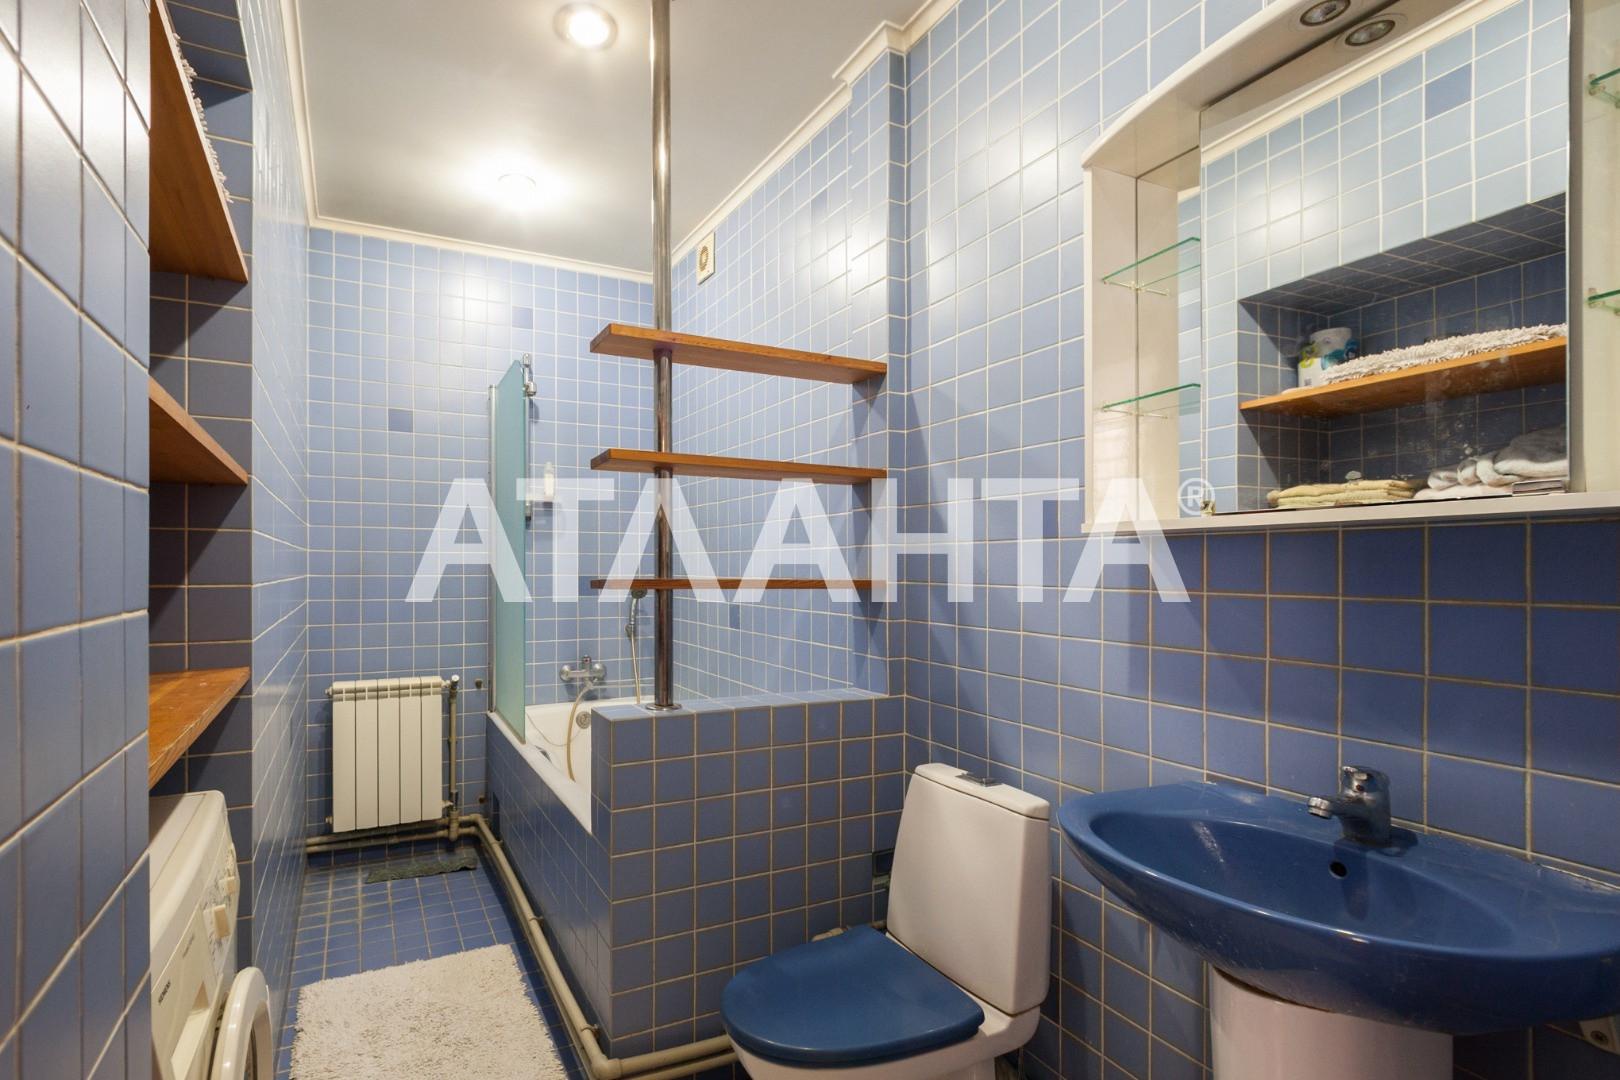 Продается 3-комнатная Квартира на ул. Военный Сп. (Жанны Лябурб Сп.) — 95 000 у.е. (фото №12)